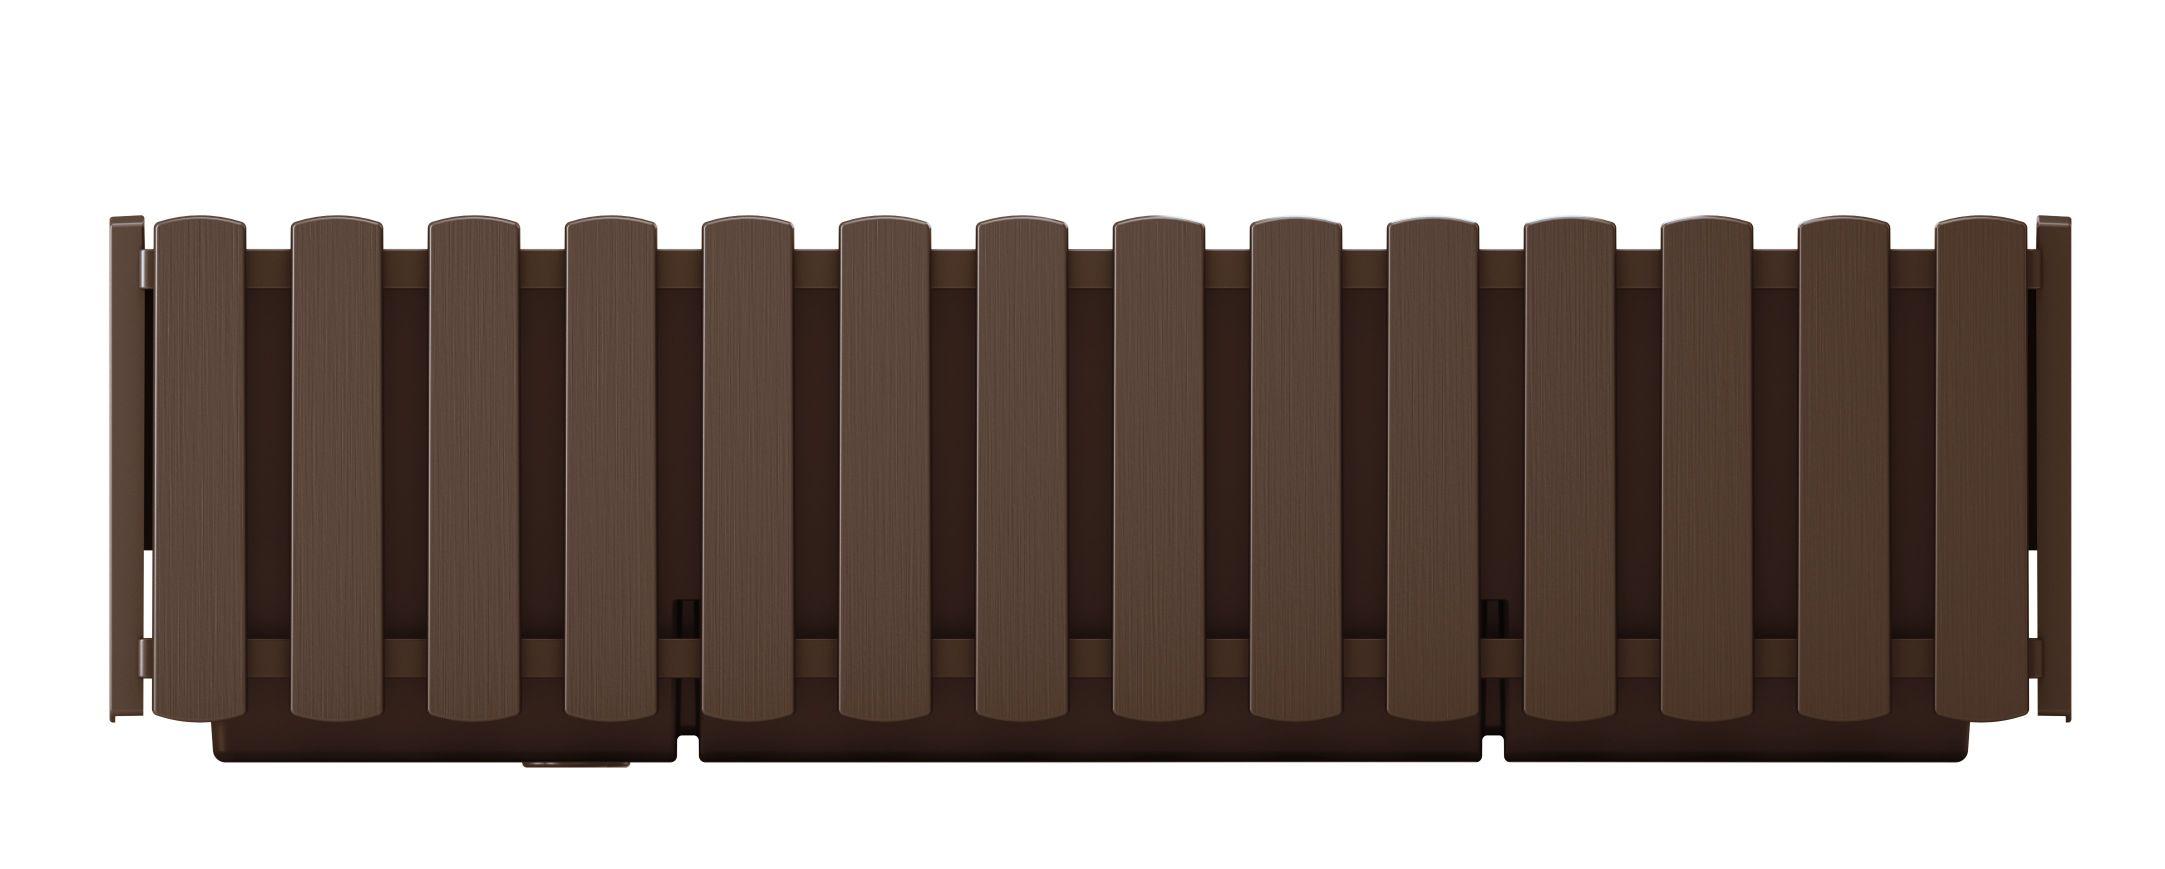 PROSPERPLAST Truhlík BOARDEE FENCYCASE hnědý 58cm